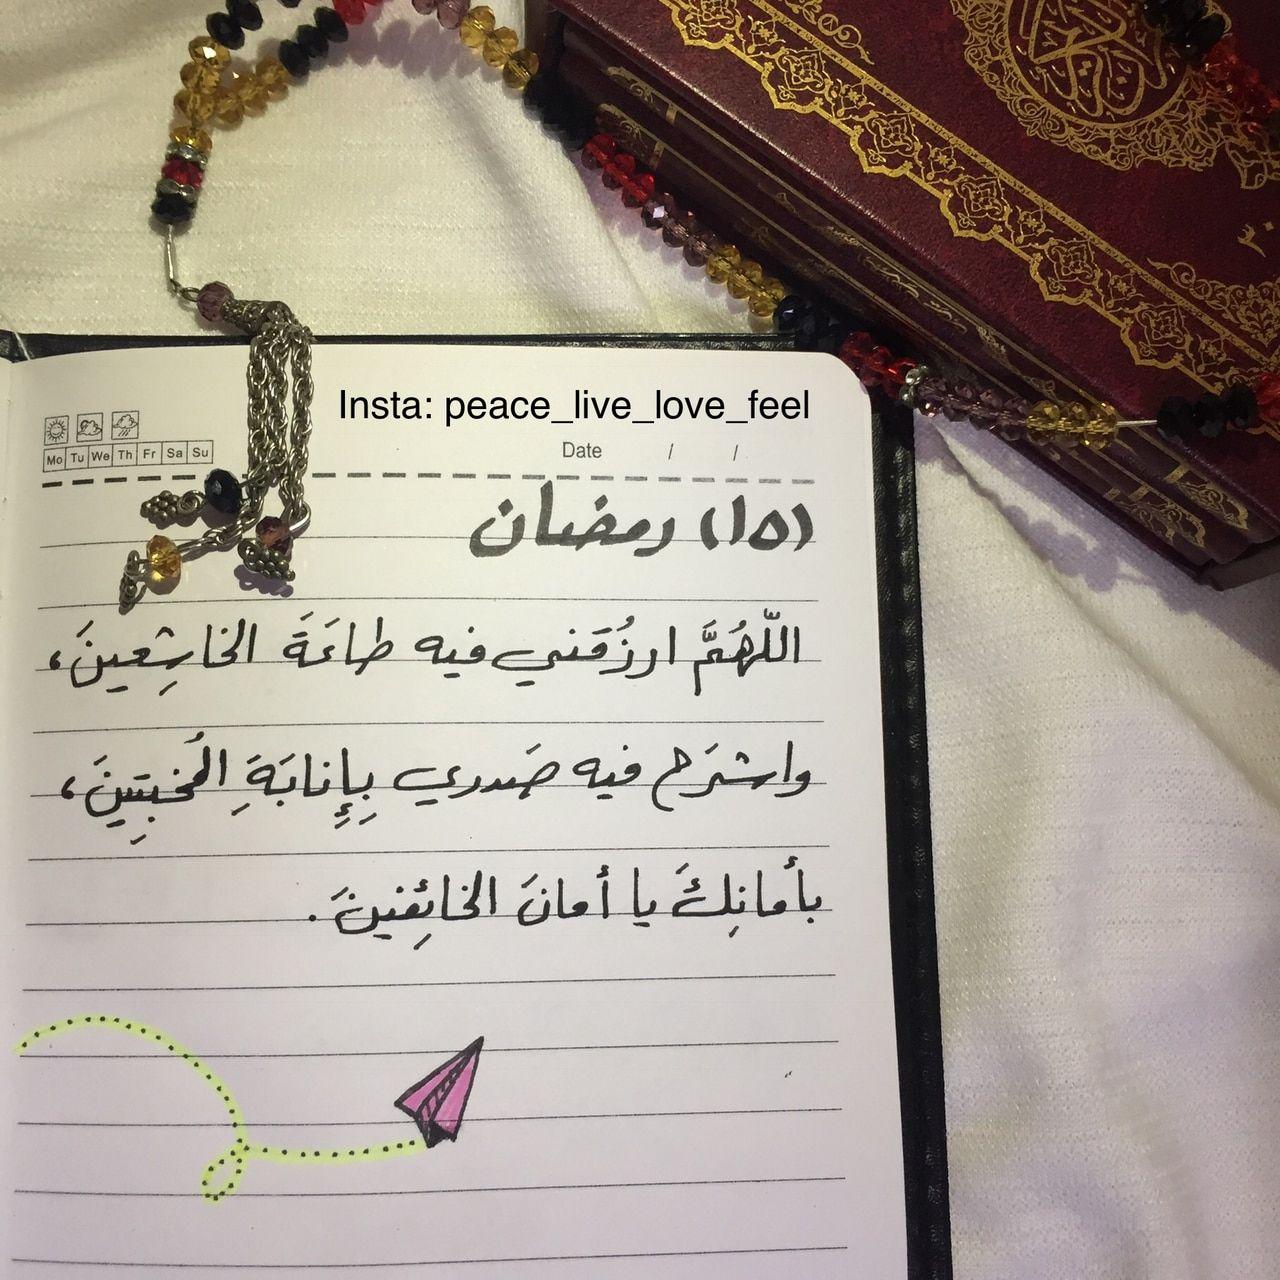 جدول رمضان في العبادات للاطفال أدعية رمضانية مصورة